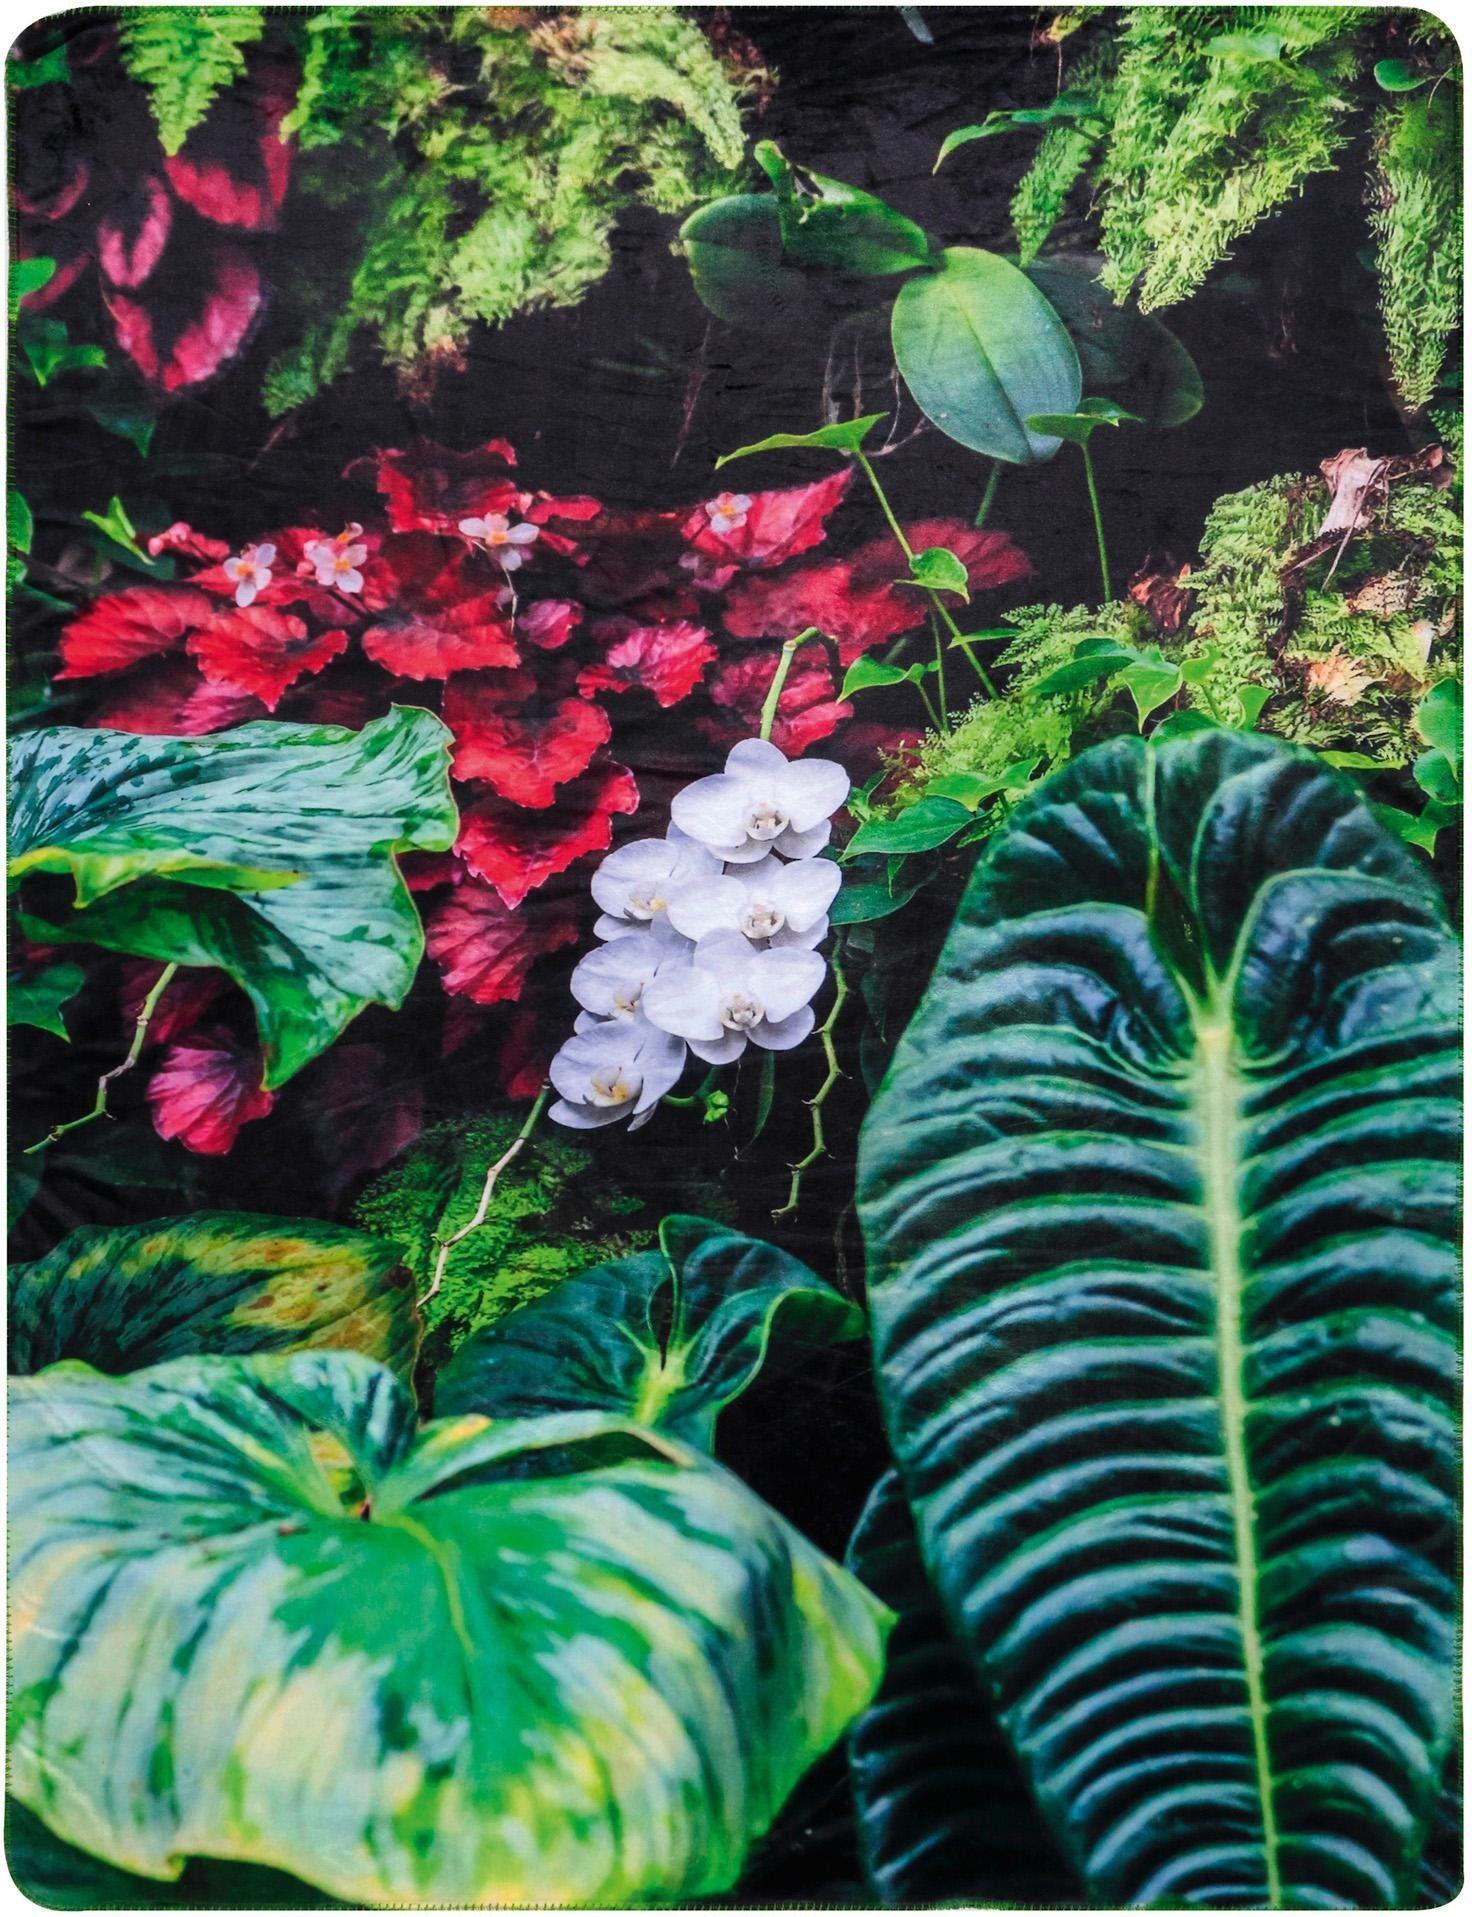 Wohndecke, Biederlack, »Tropical Garden«, im Natur Design